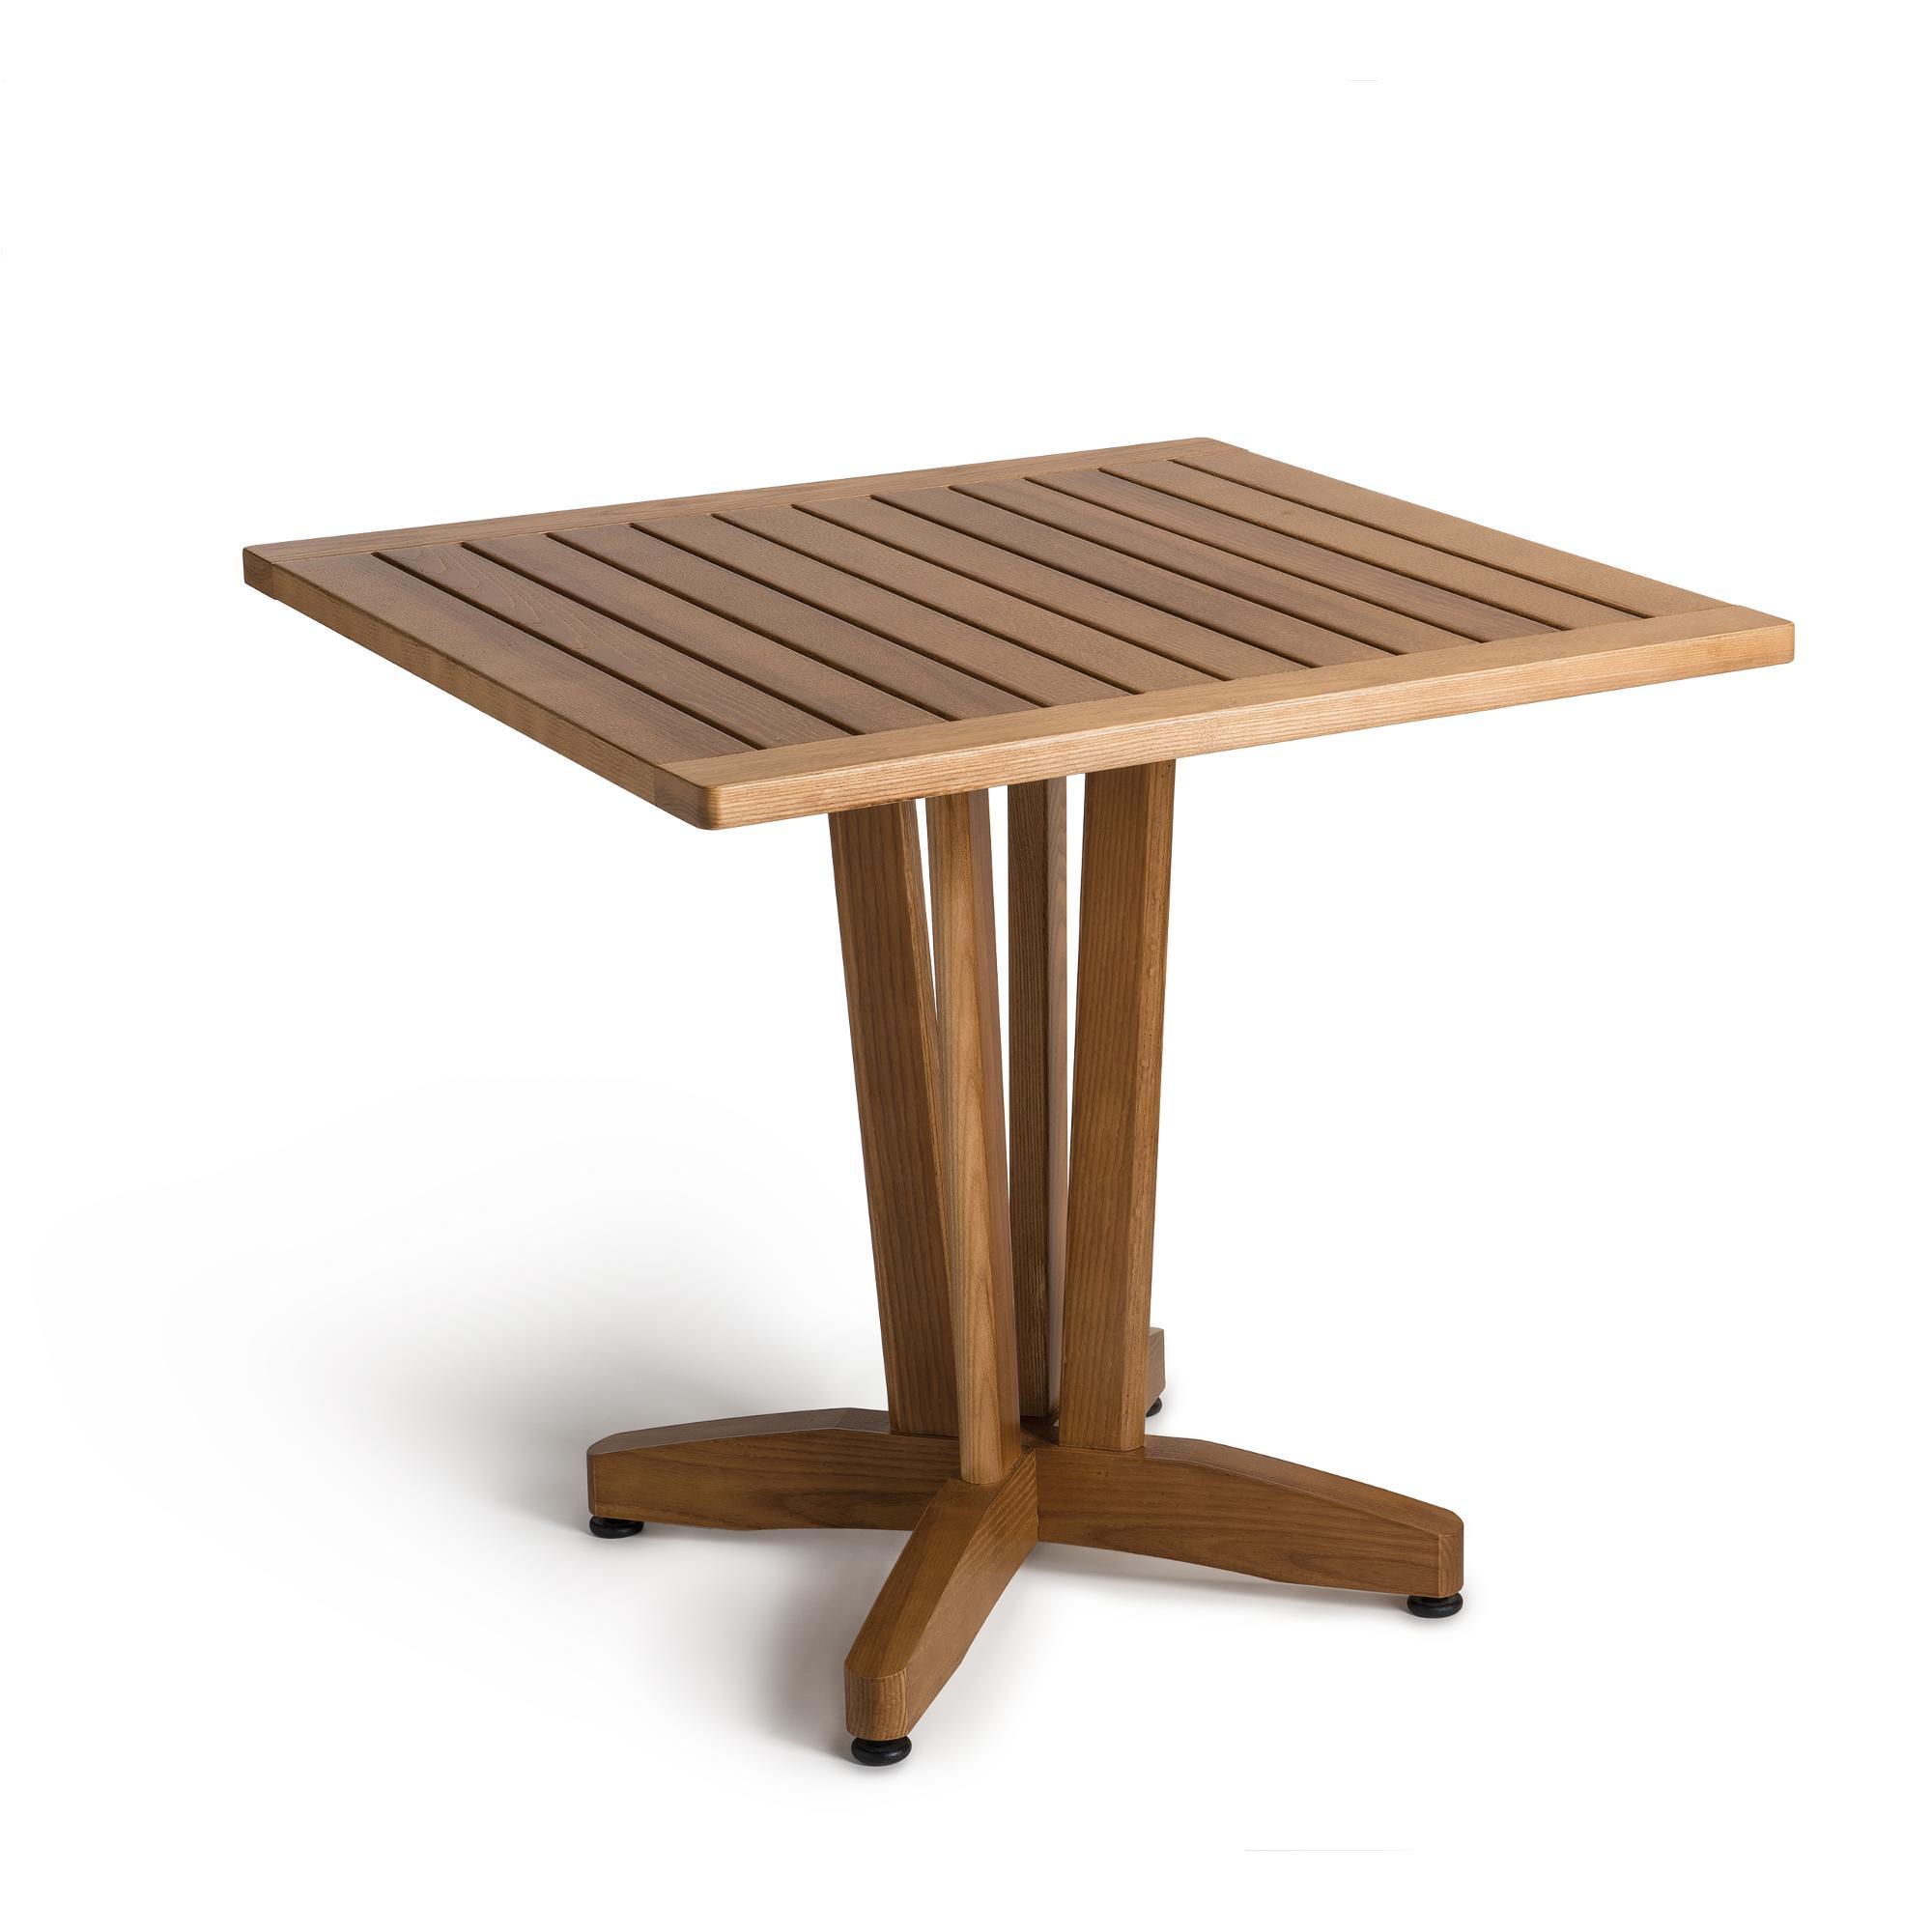 Tavolo quadrato fisso ercole in legno di frassino 80x80h73 cm palmar stilcasa net tavolini - Tavolo quadrato legno ...